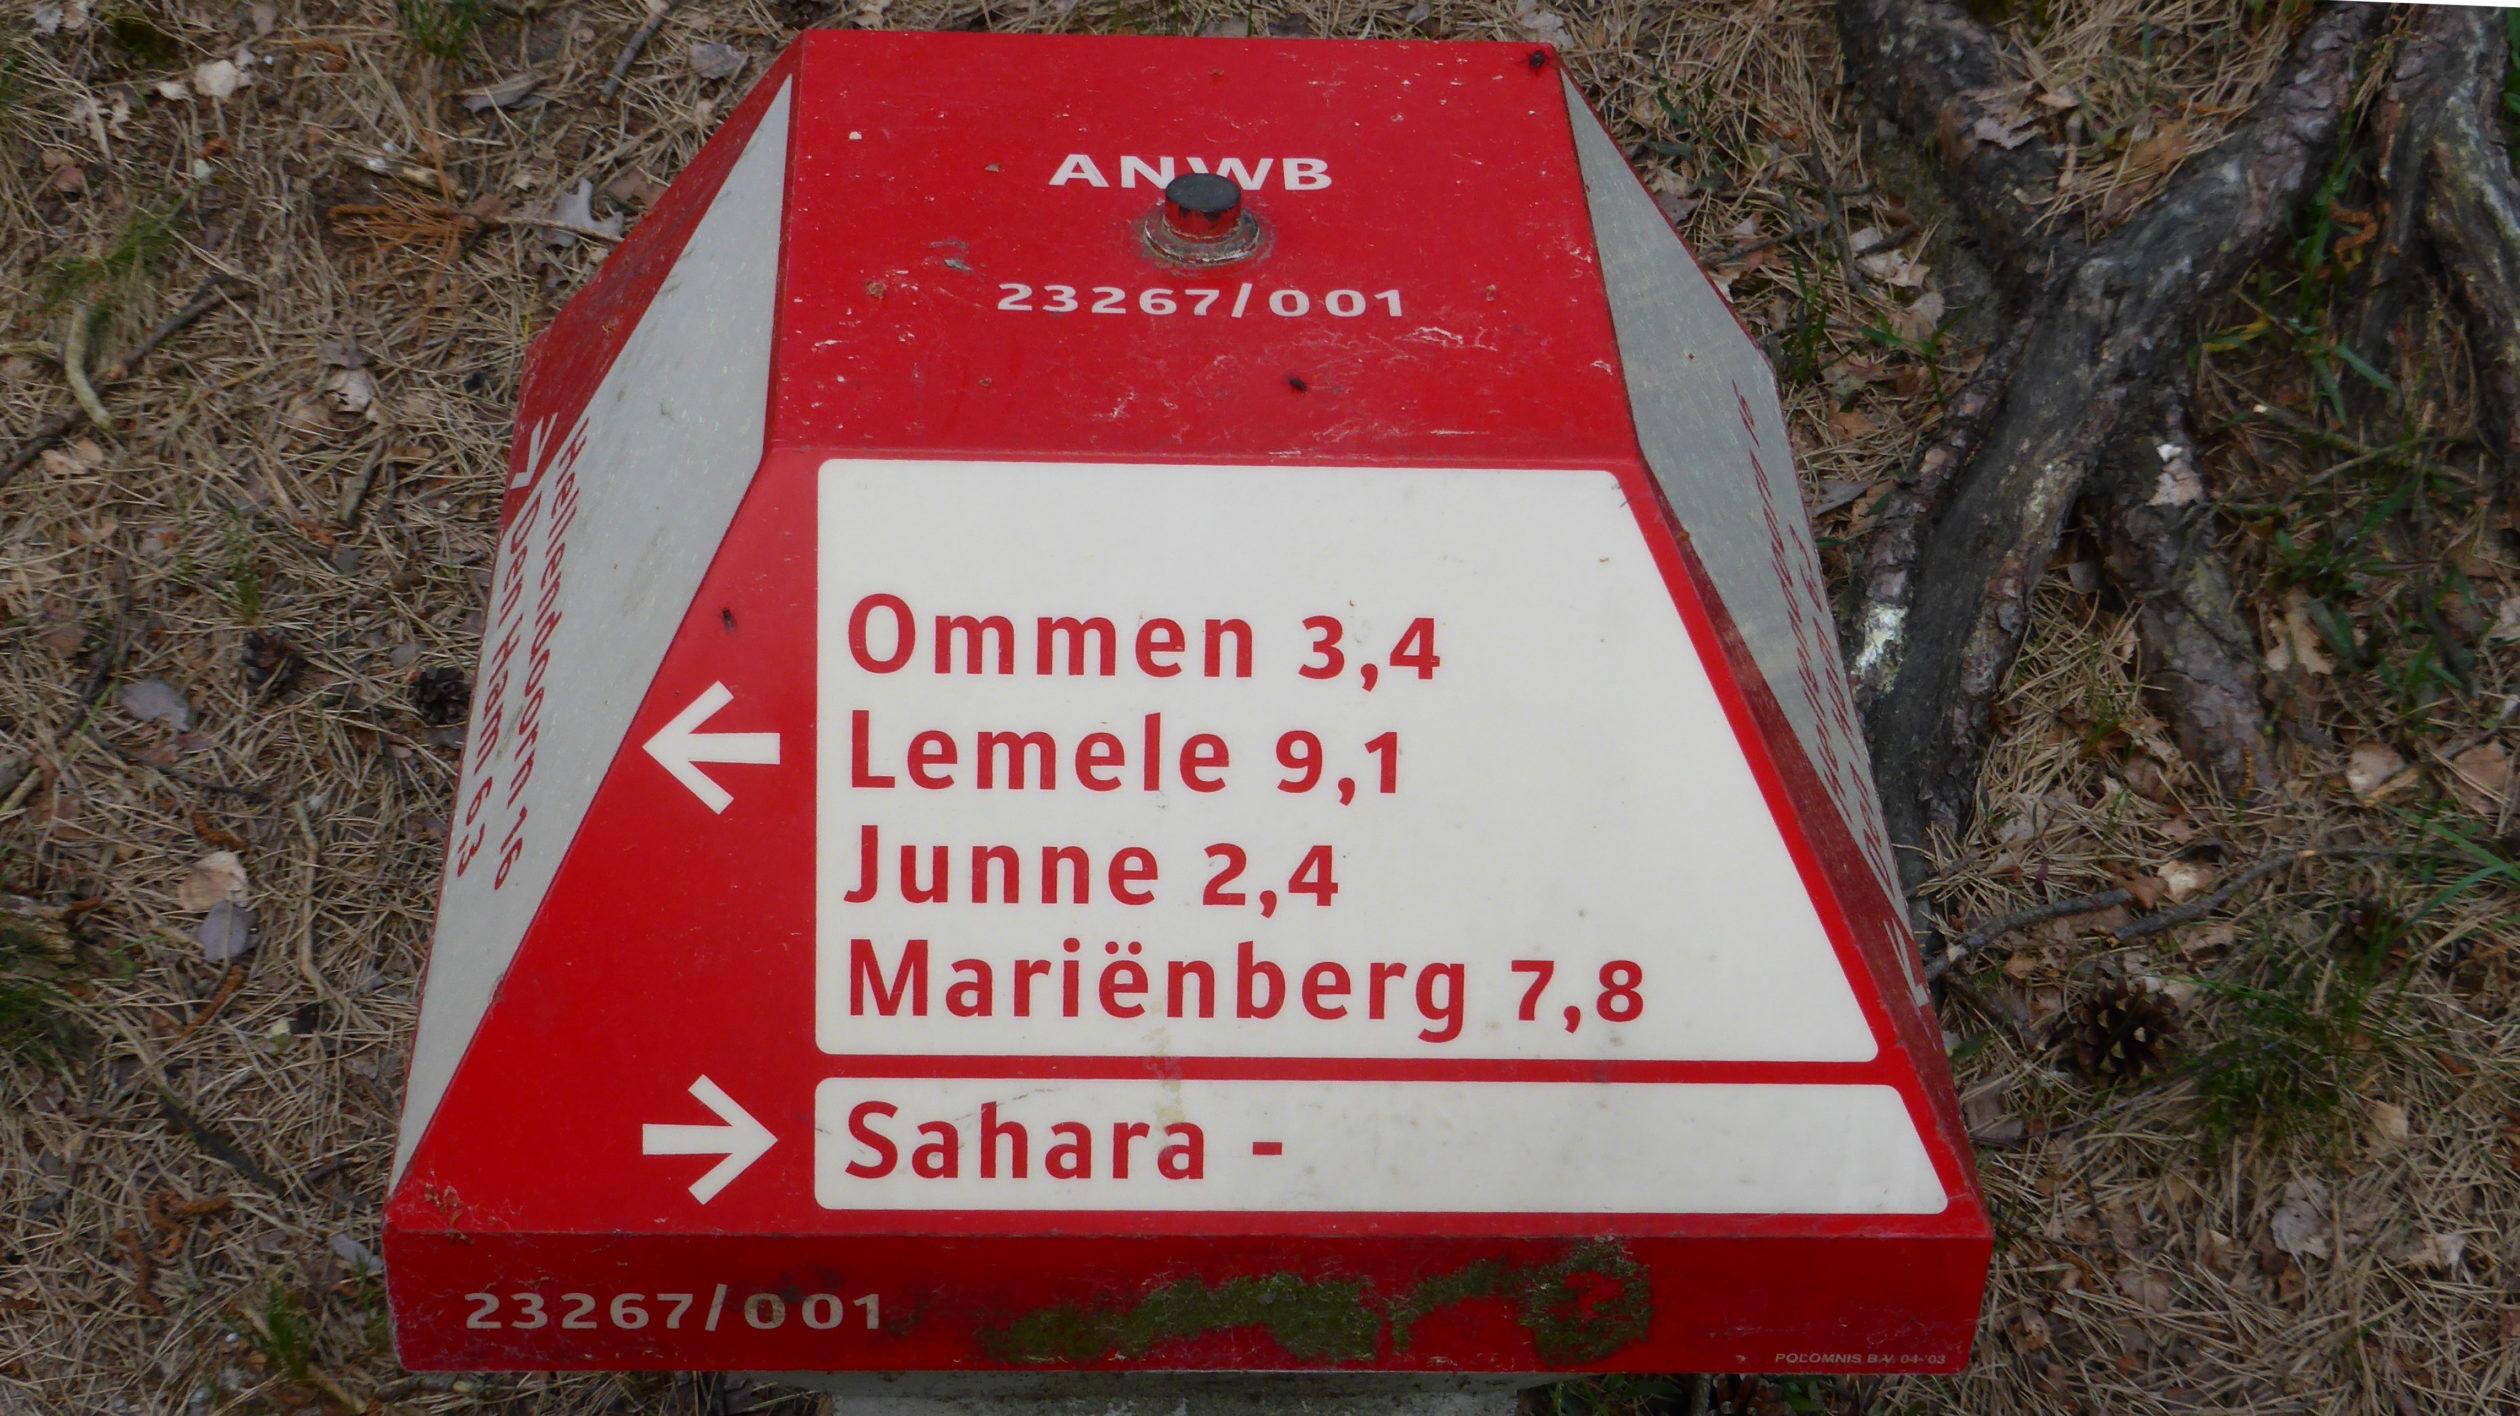 Das Städtchen Ommen liegt an der Vechte im anderen Holland unweit der niederländischen Sahara